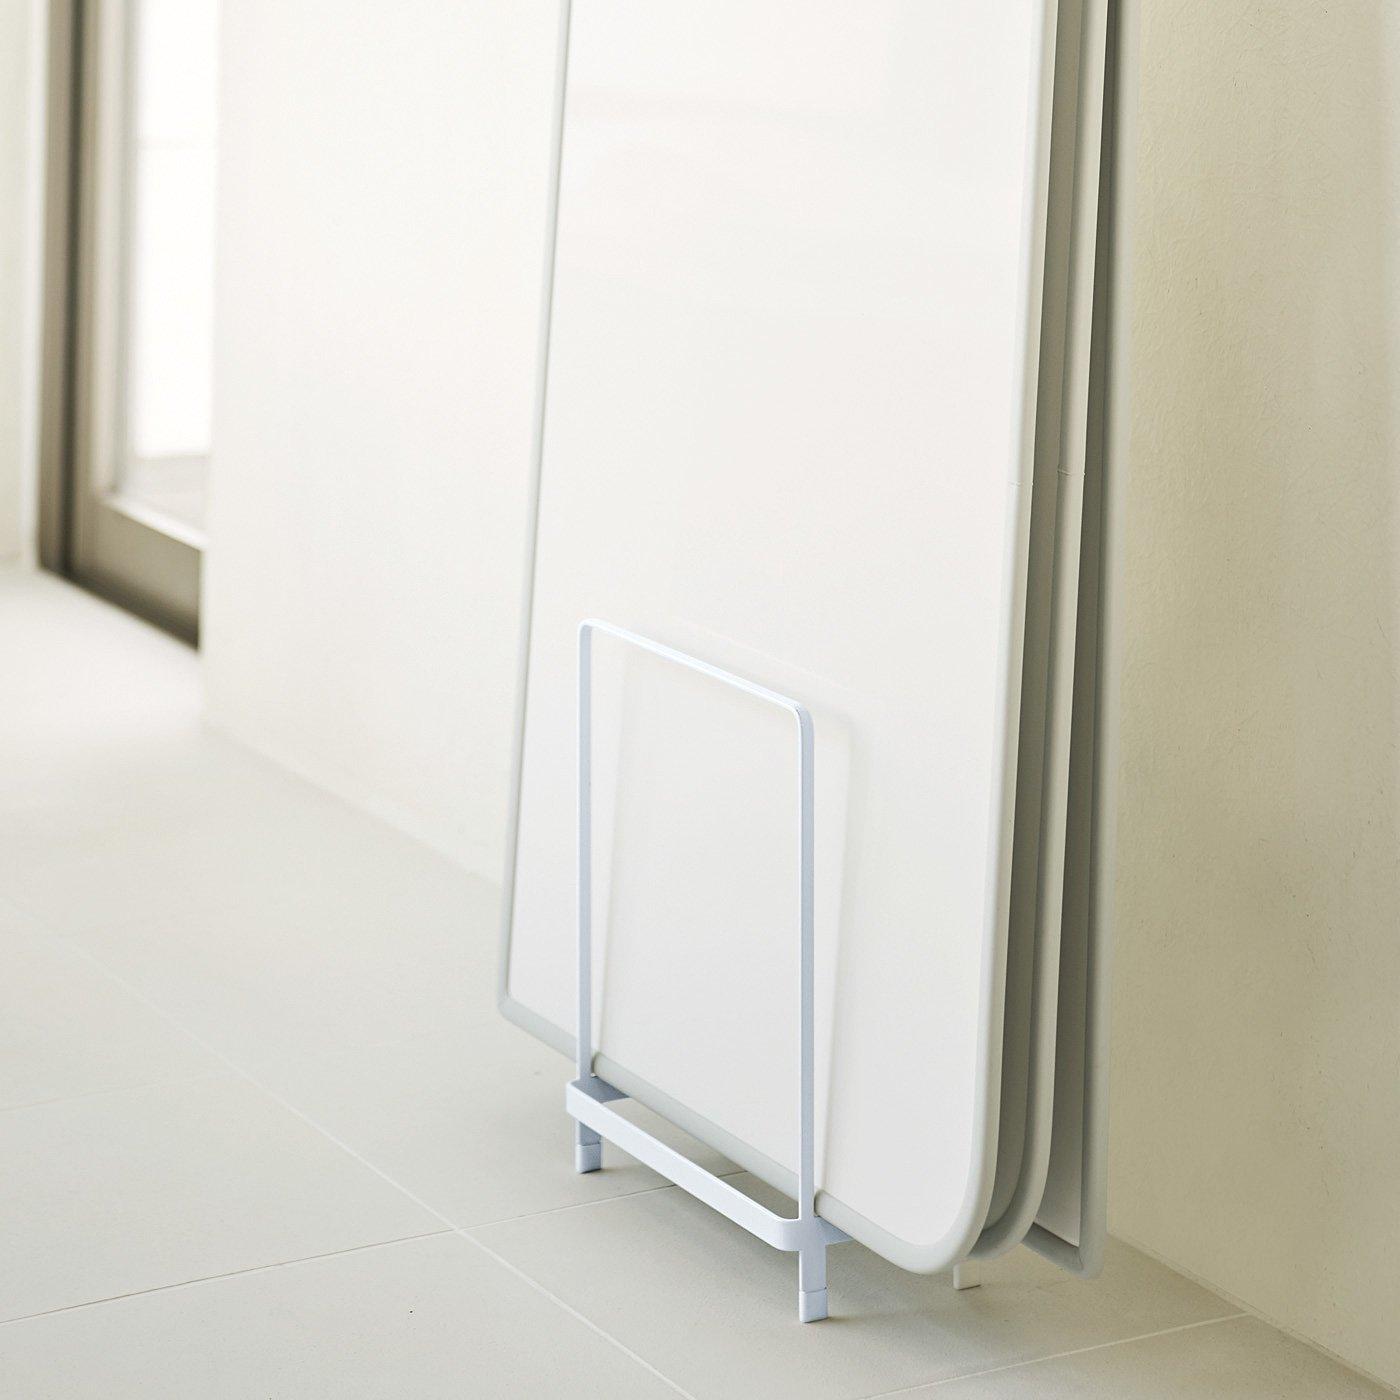 省スペースにひとまとめ! 浮かせてぬれ・ぬめり防止 乾きやすい風呂ふたスタンド